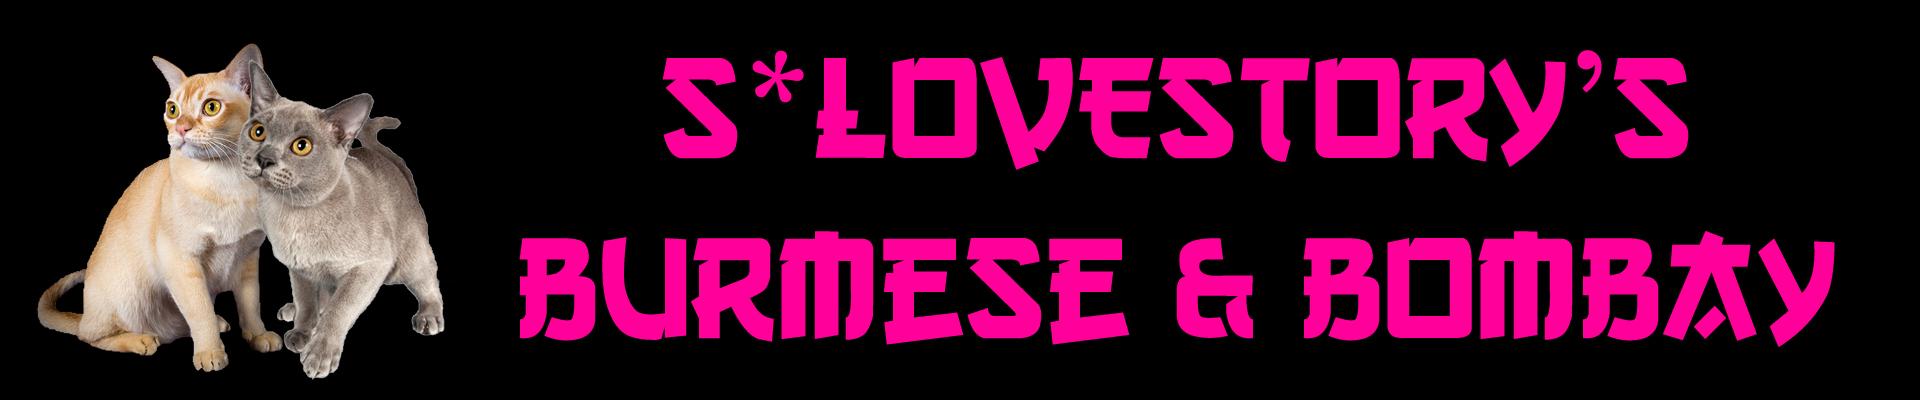 Lovestory's Burmese & Bombay